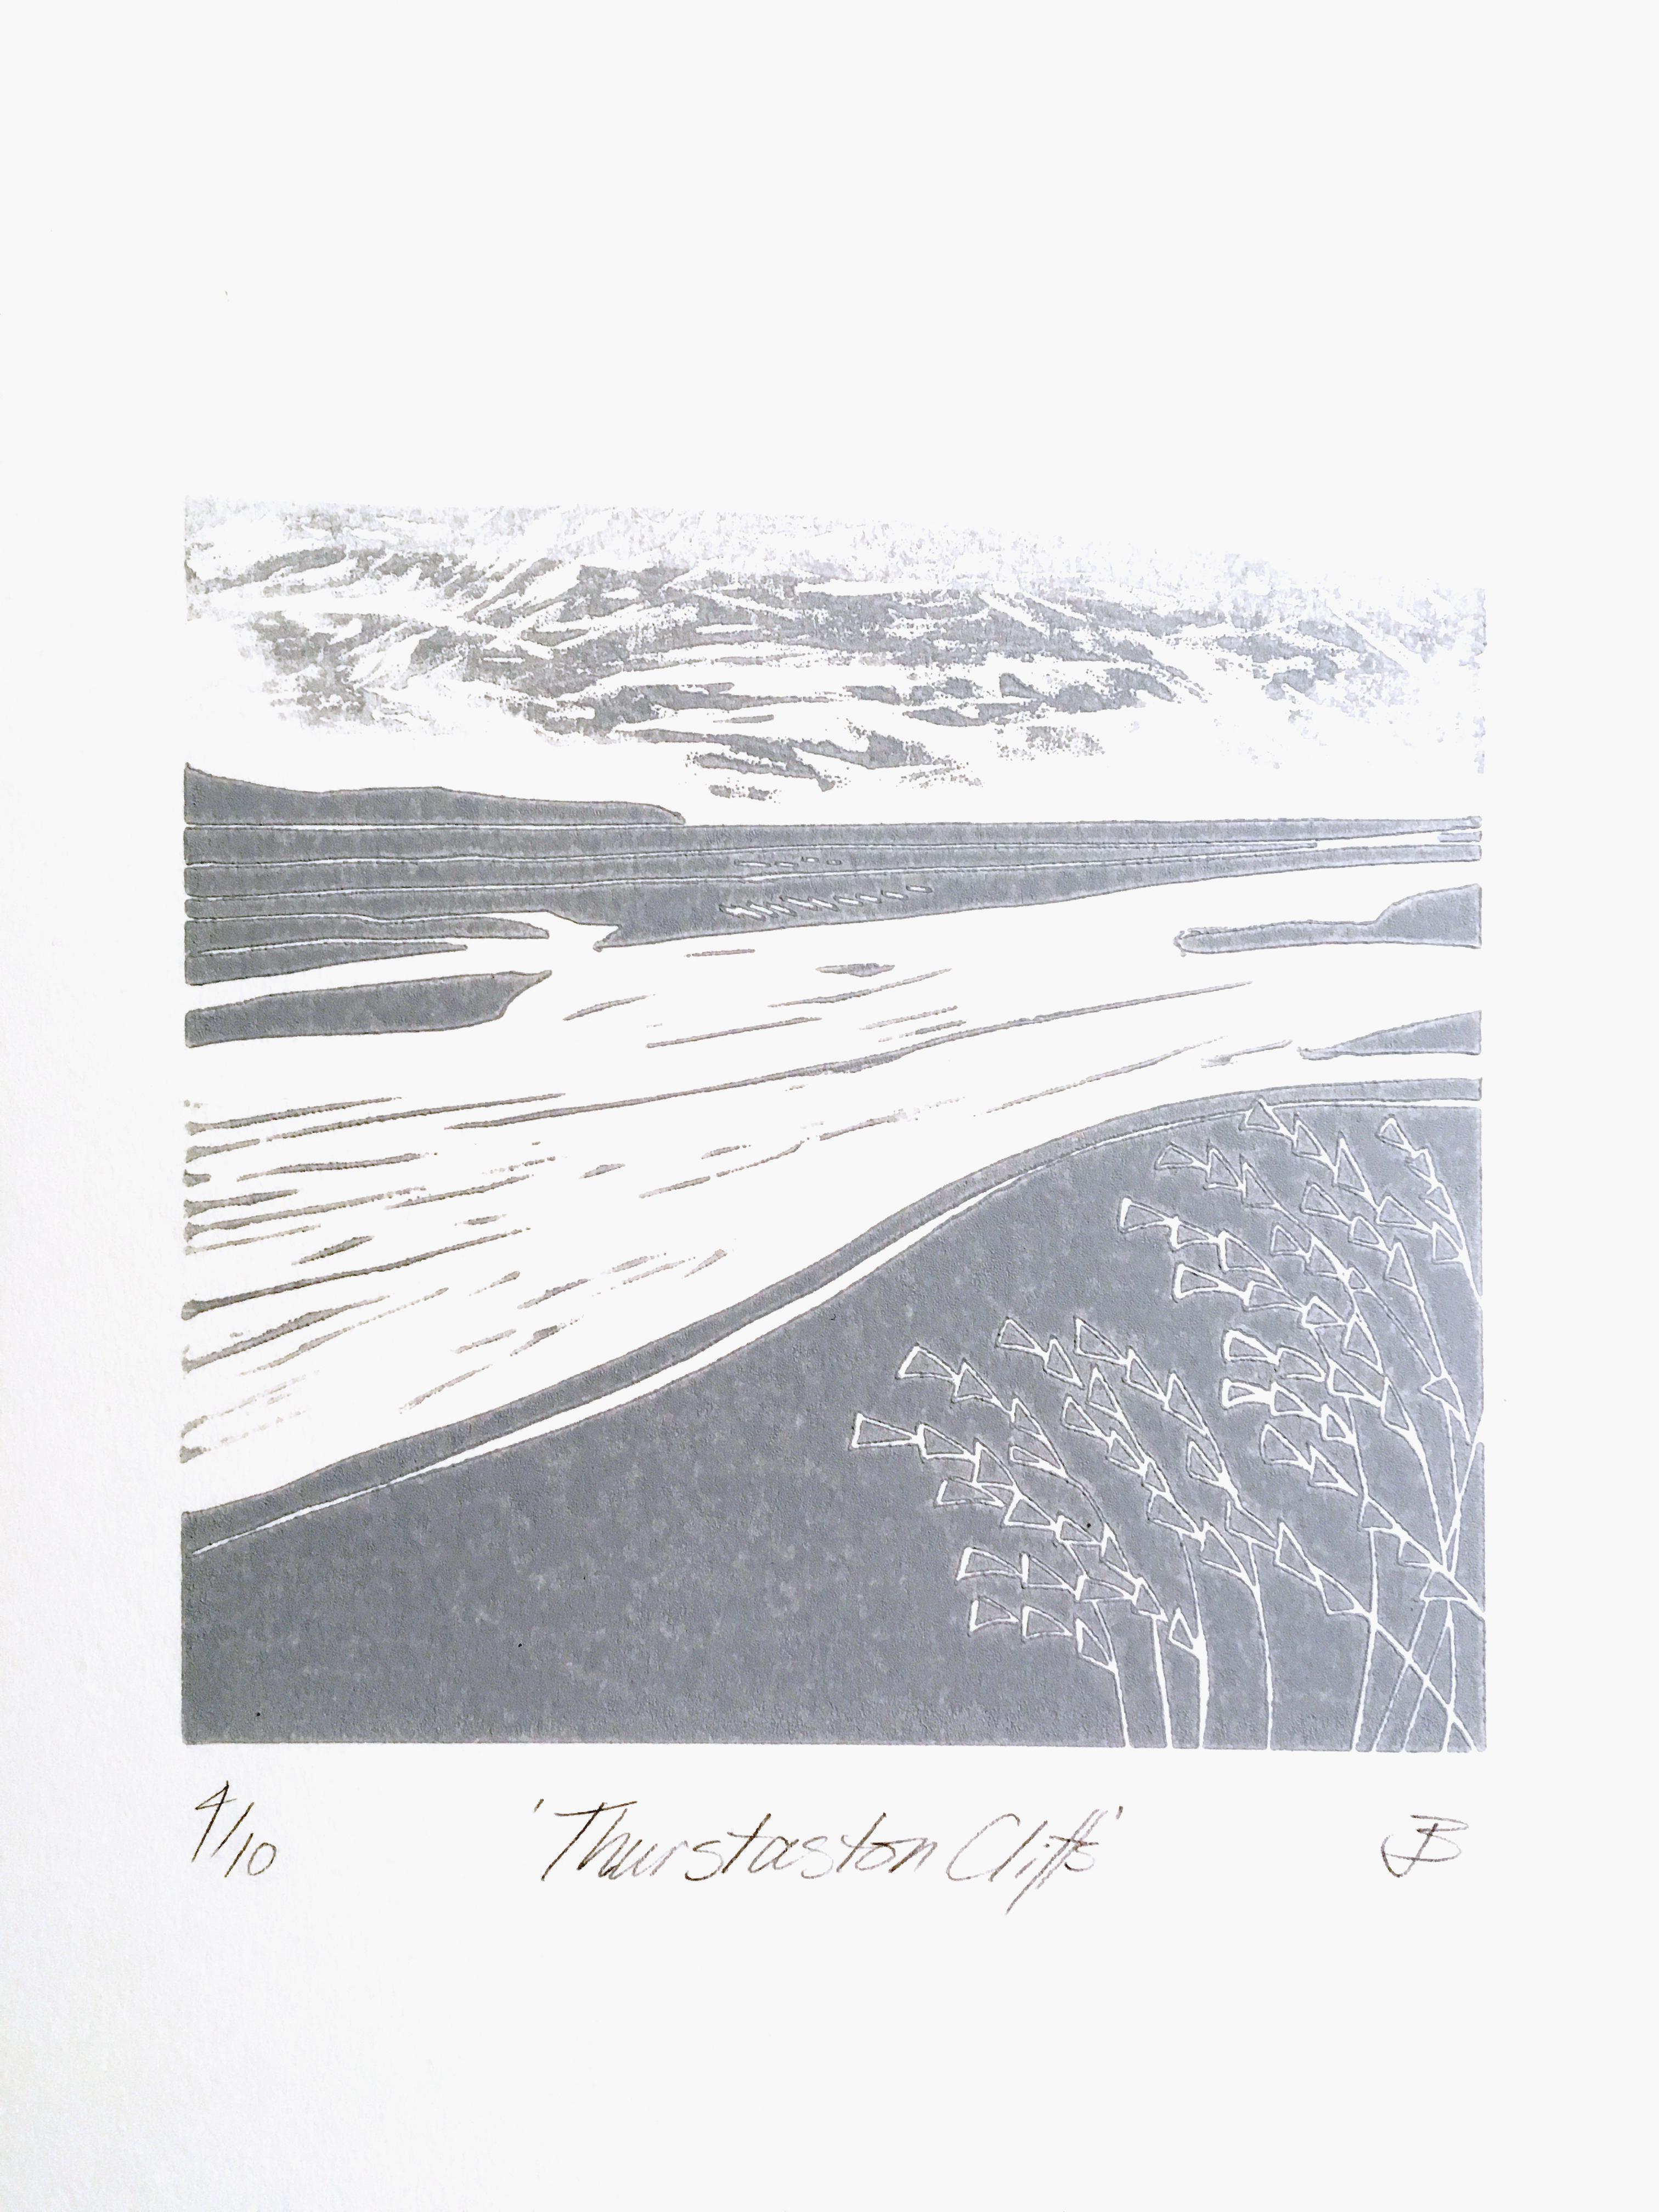 Thustaston cliffs